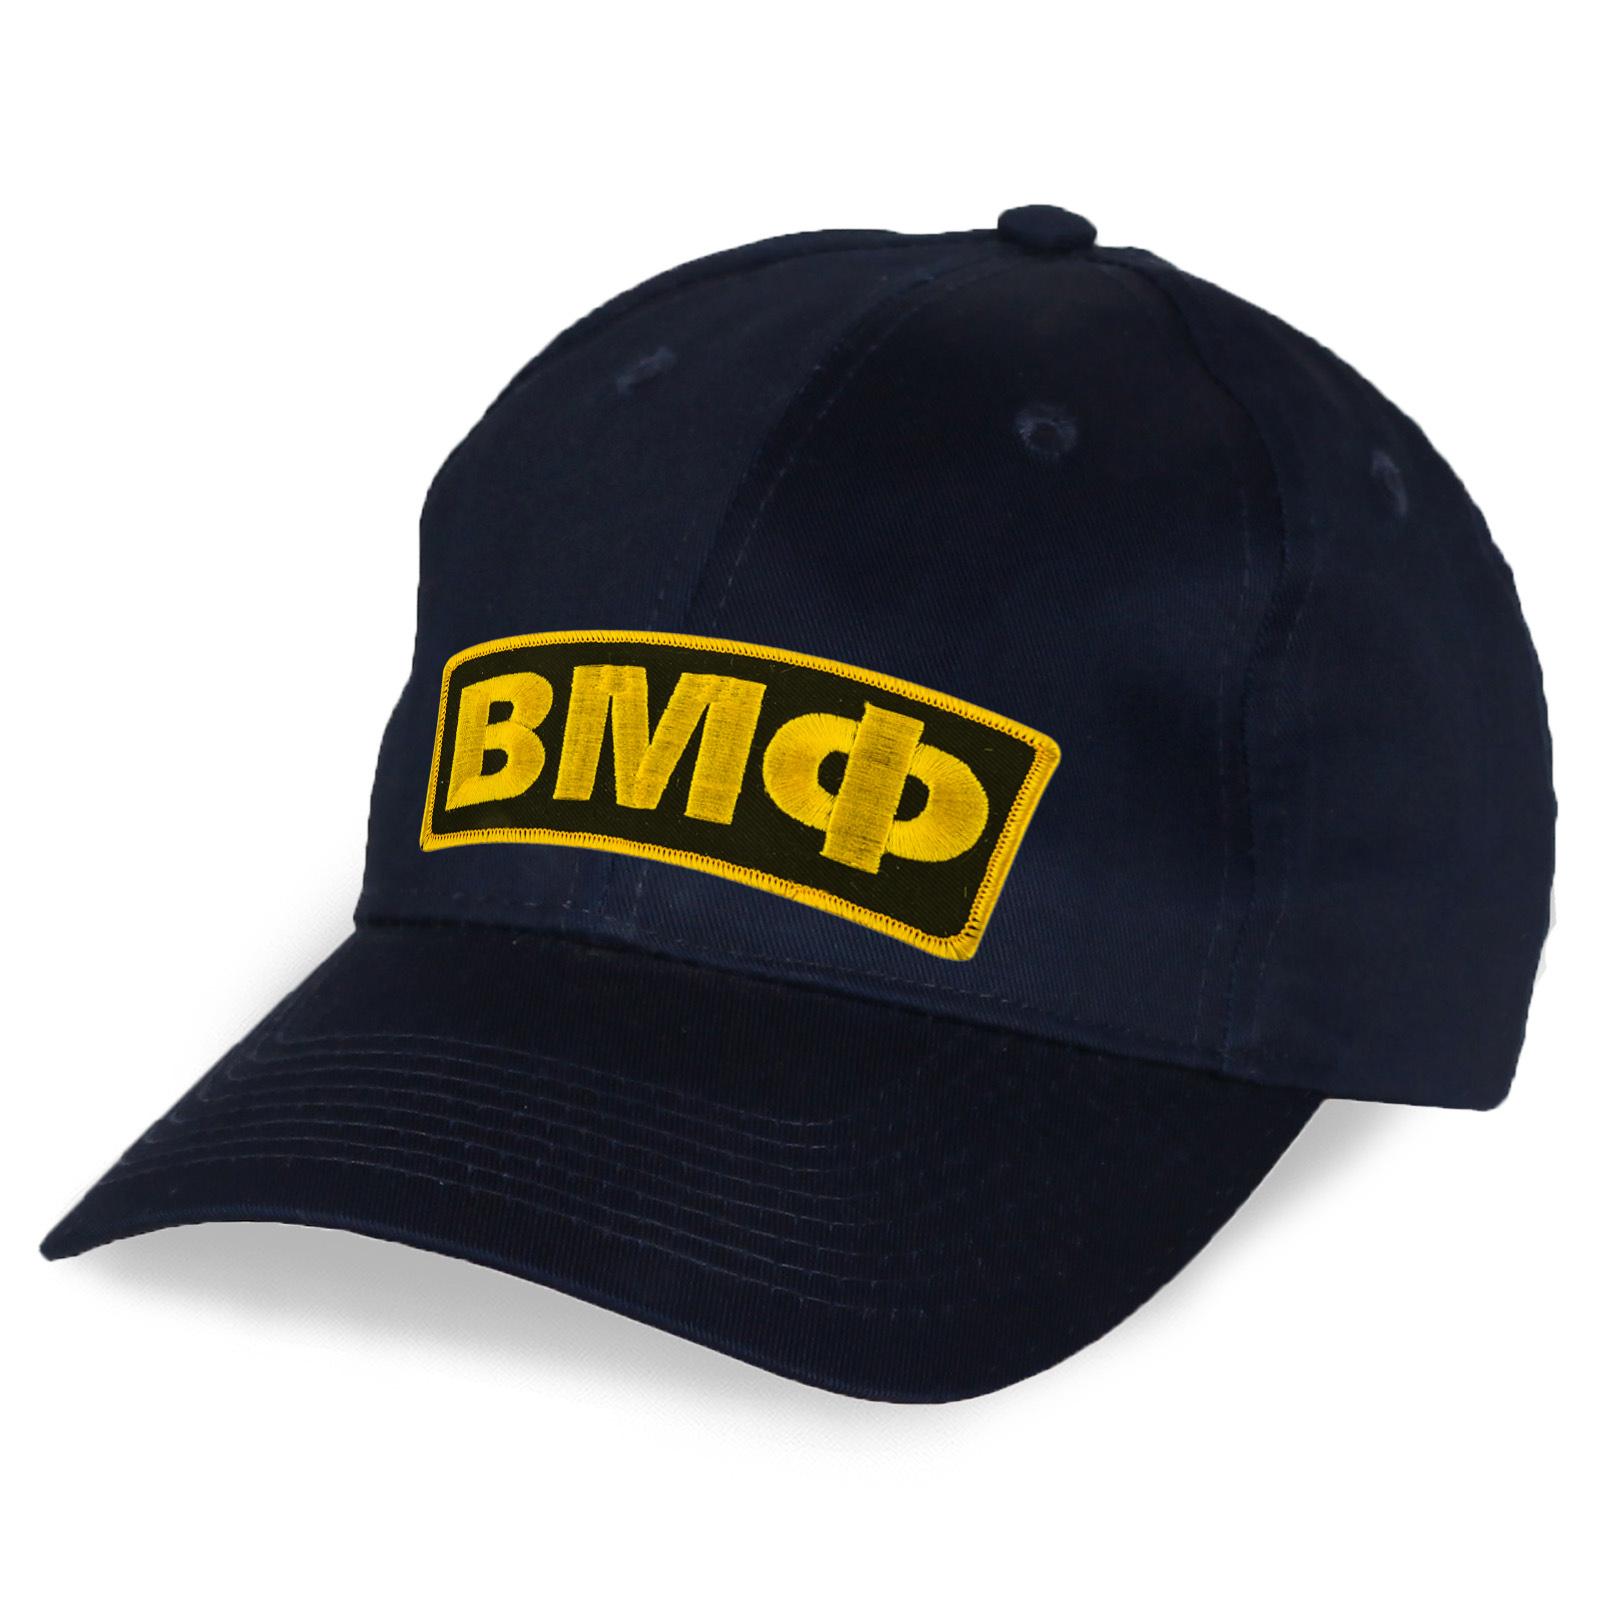 Презентабельная синяя кепка с вышивкой ВМФ